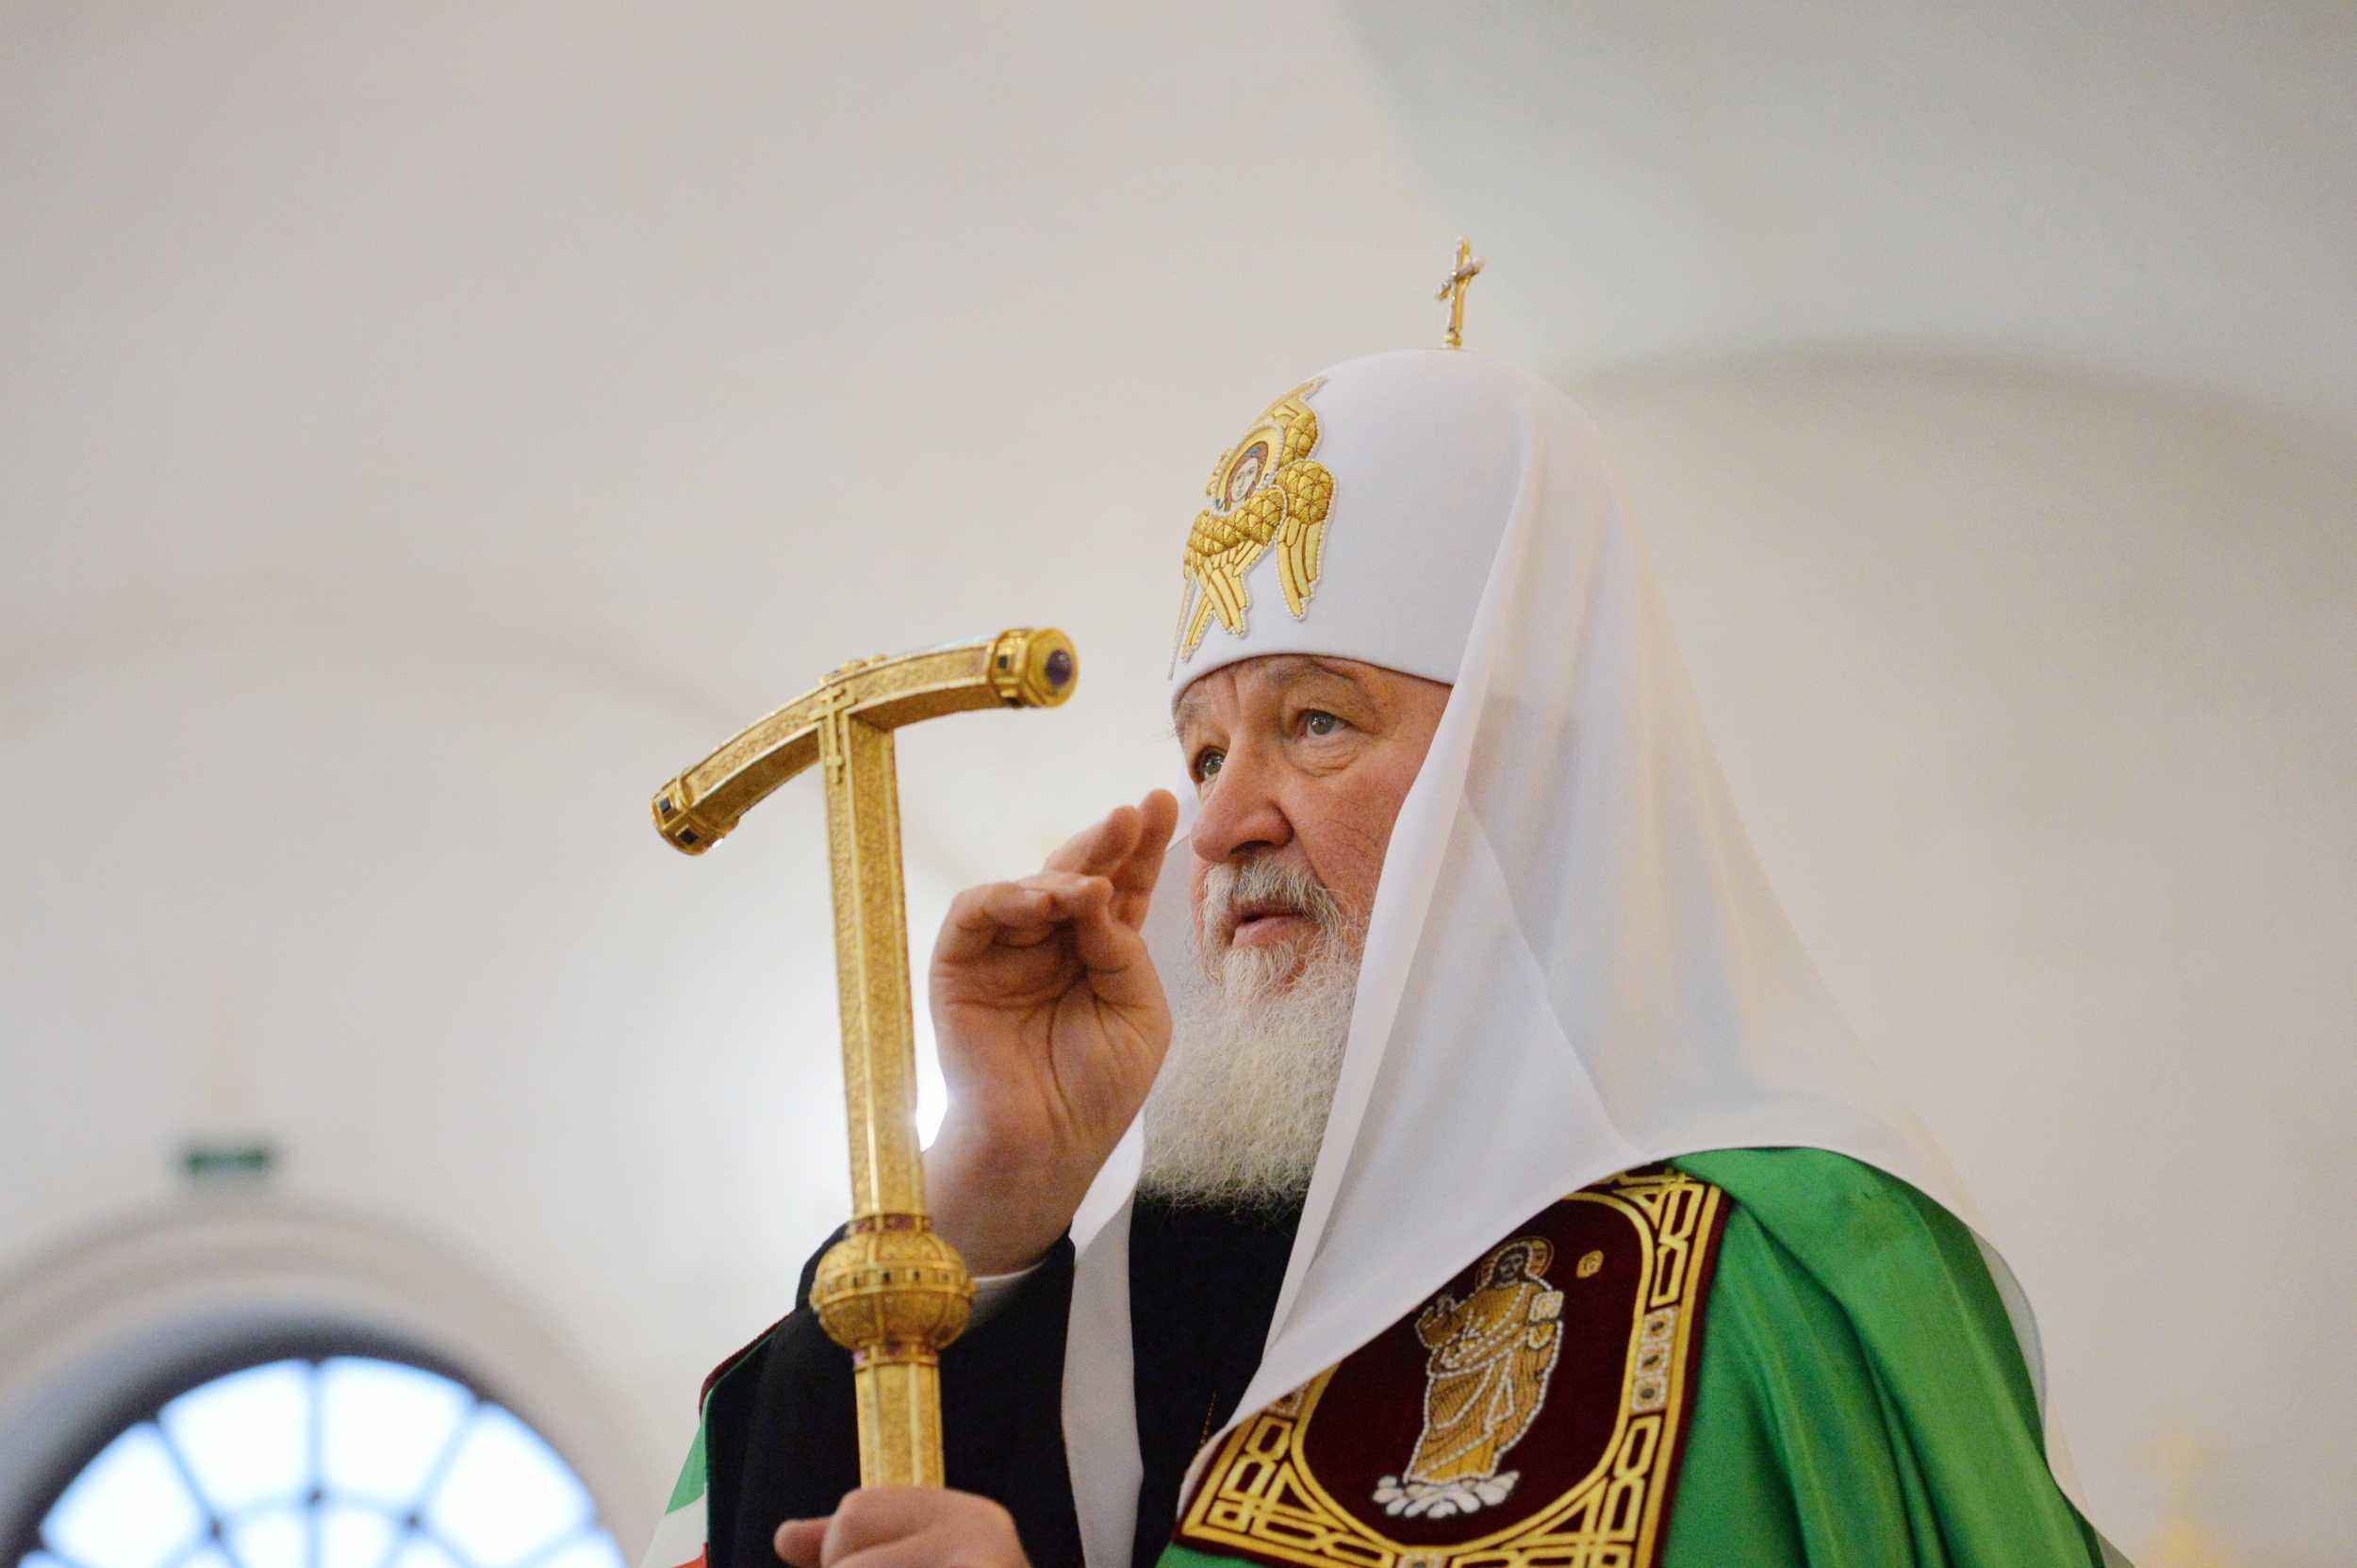 Патриарх Кирилл: «Призываю к усиленной молитве за каноническую Церковь на Украине»